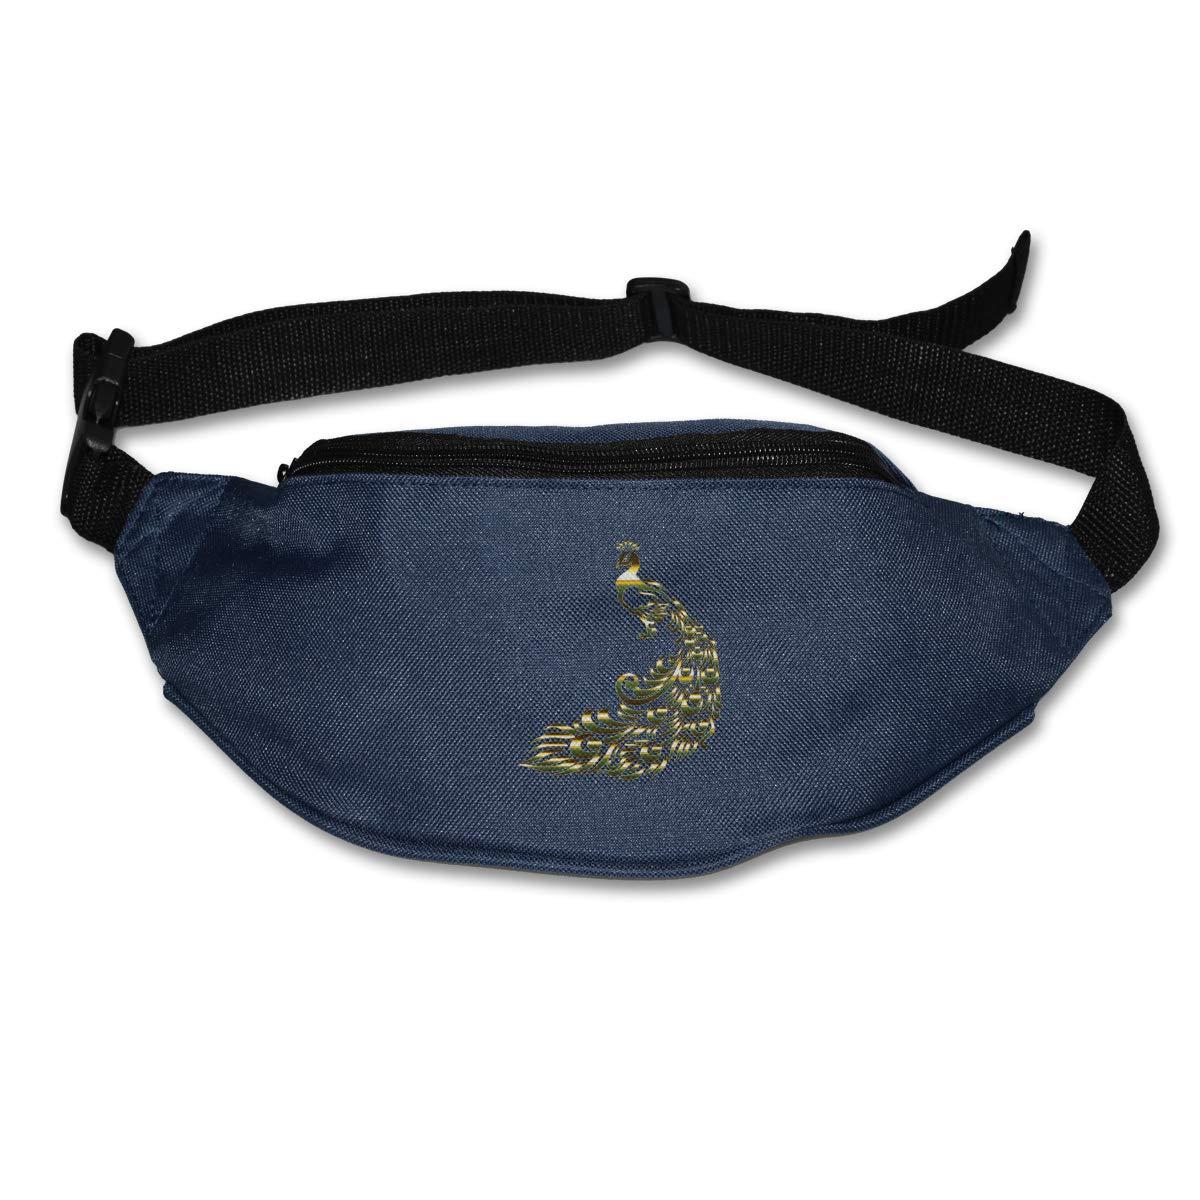 Chromatic Peacock Sport Waist Packs Fanny Pack Adjustable For Travel